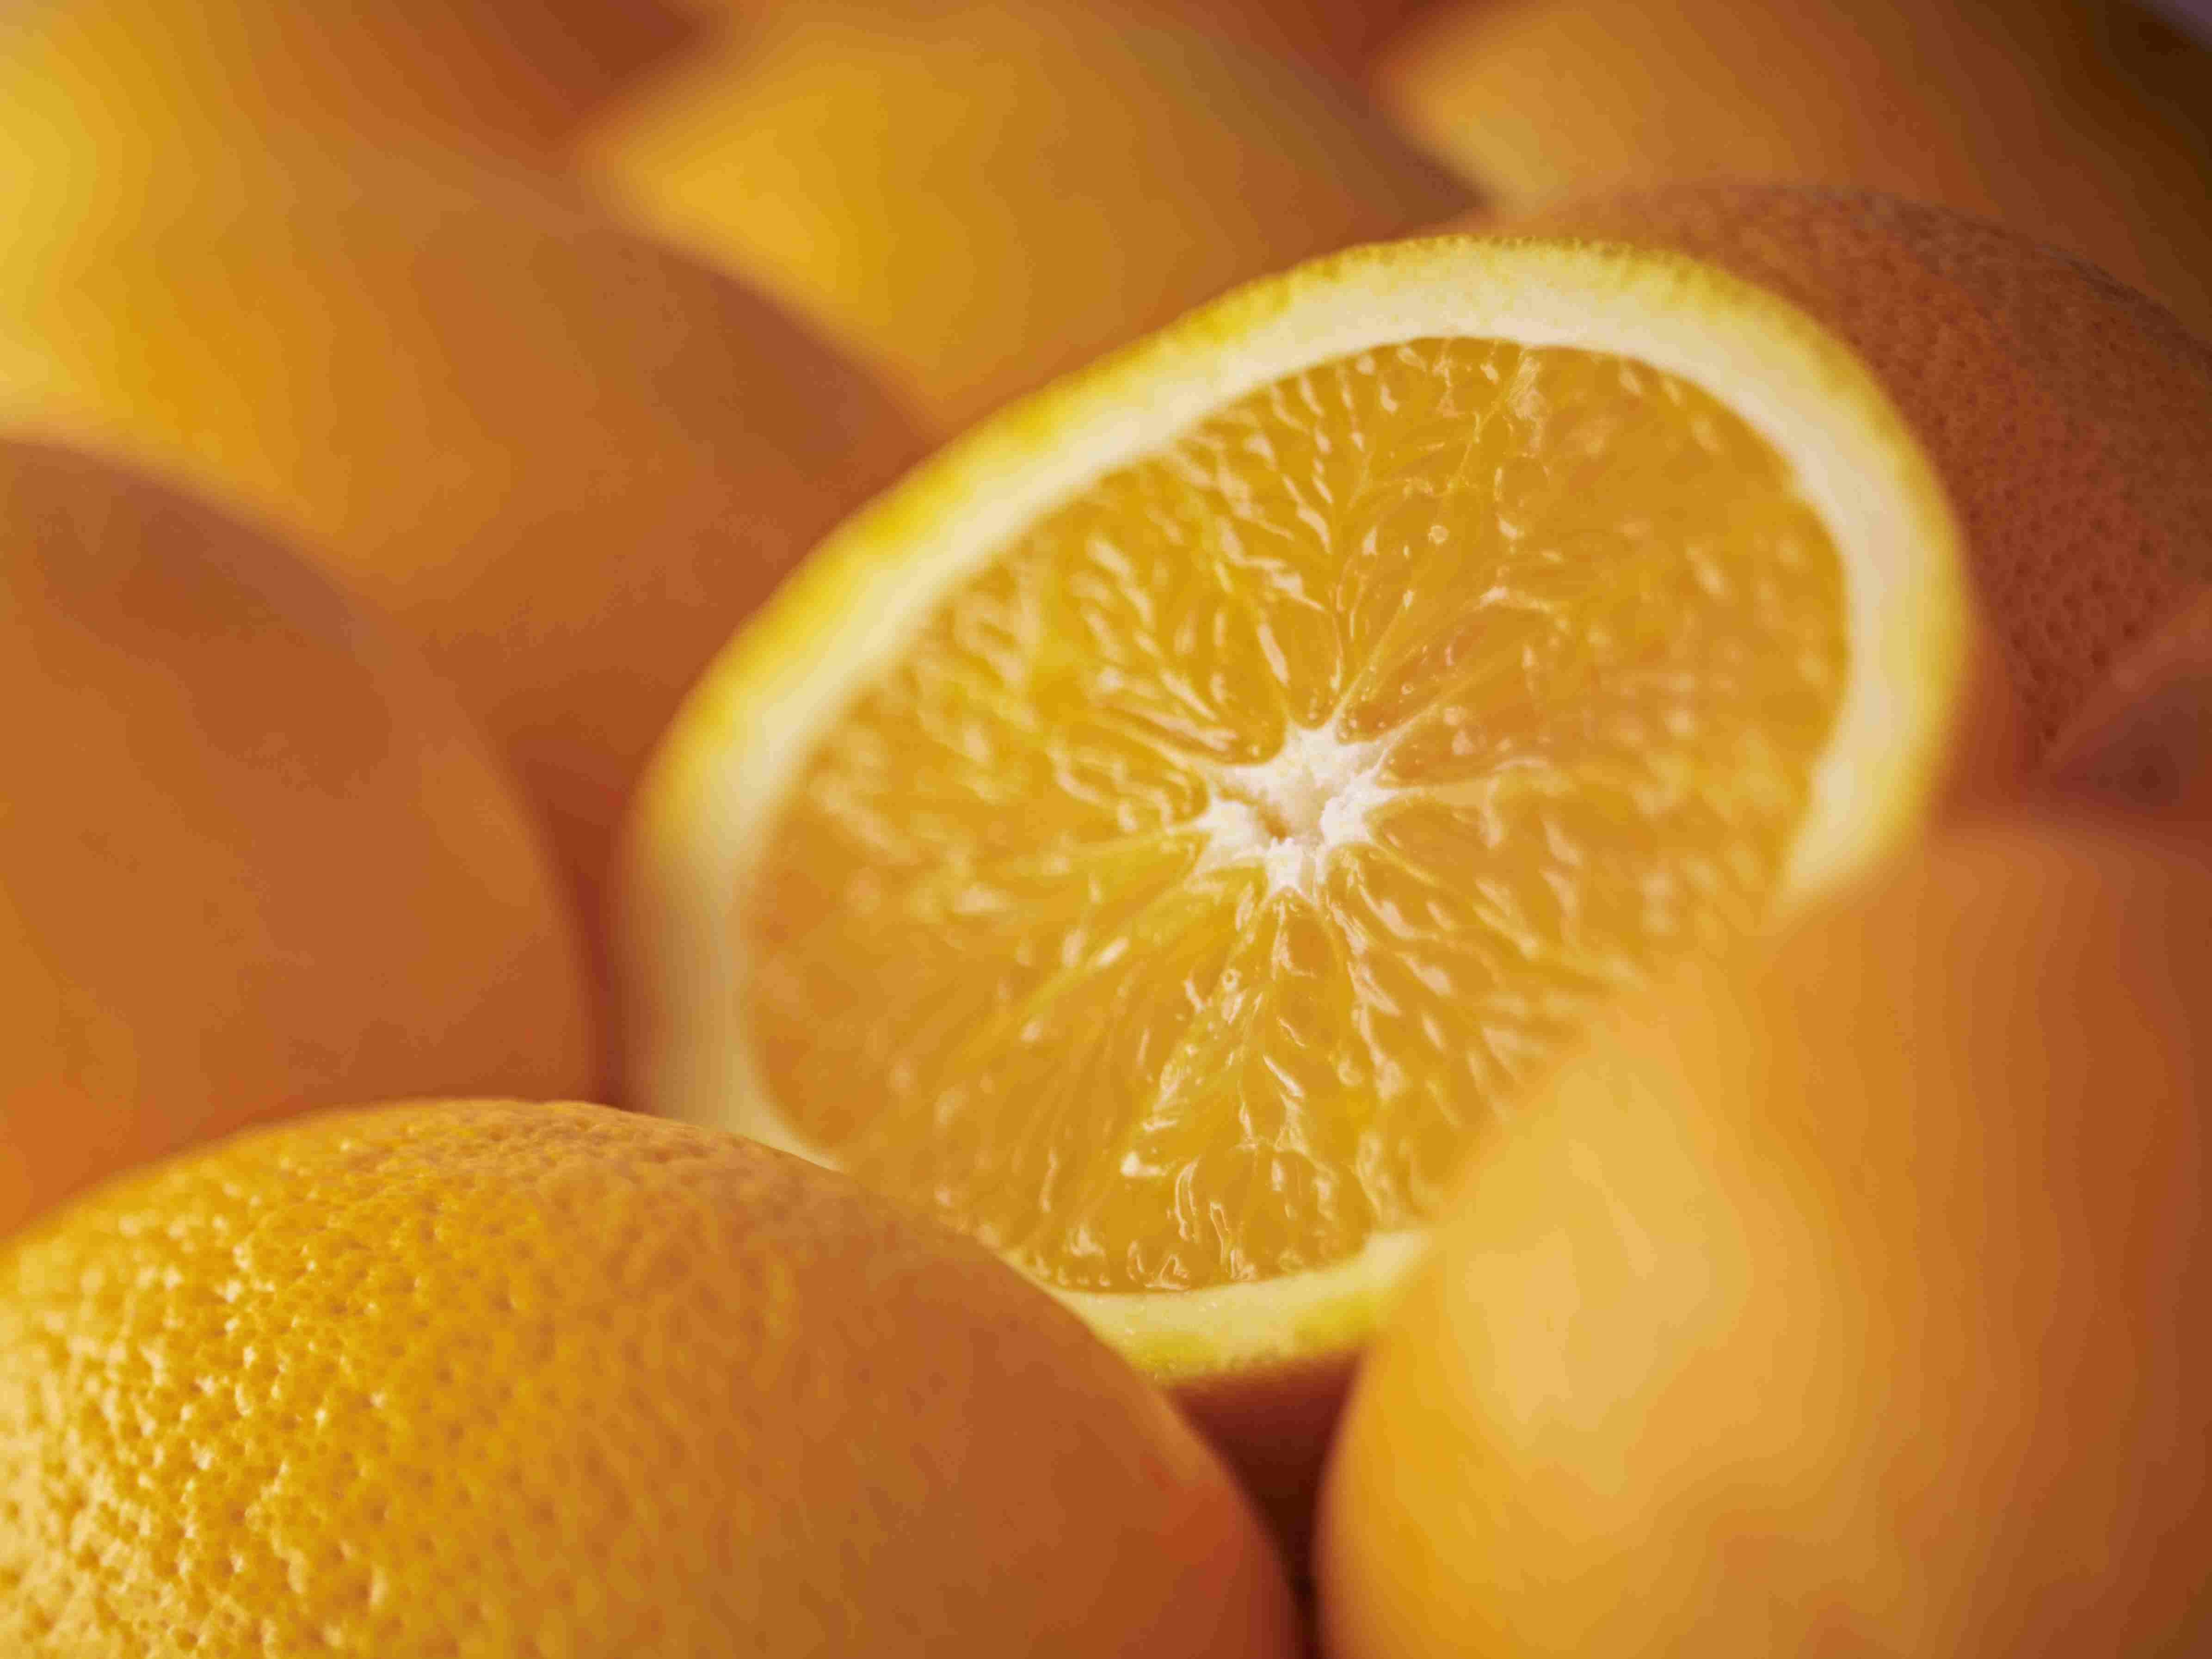 Cierre extremo de naranja Salustiana en rodajas